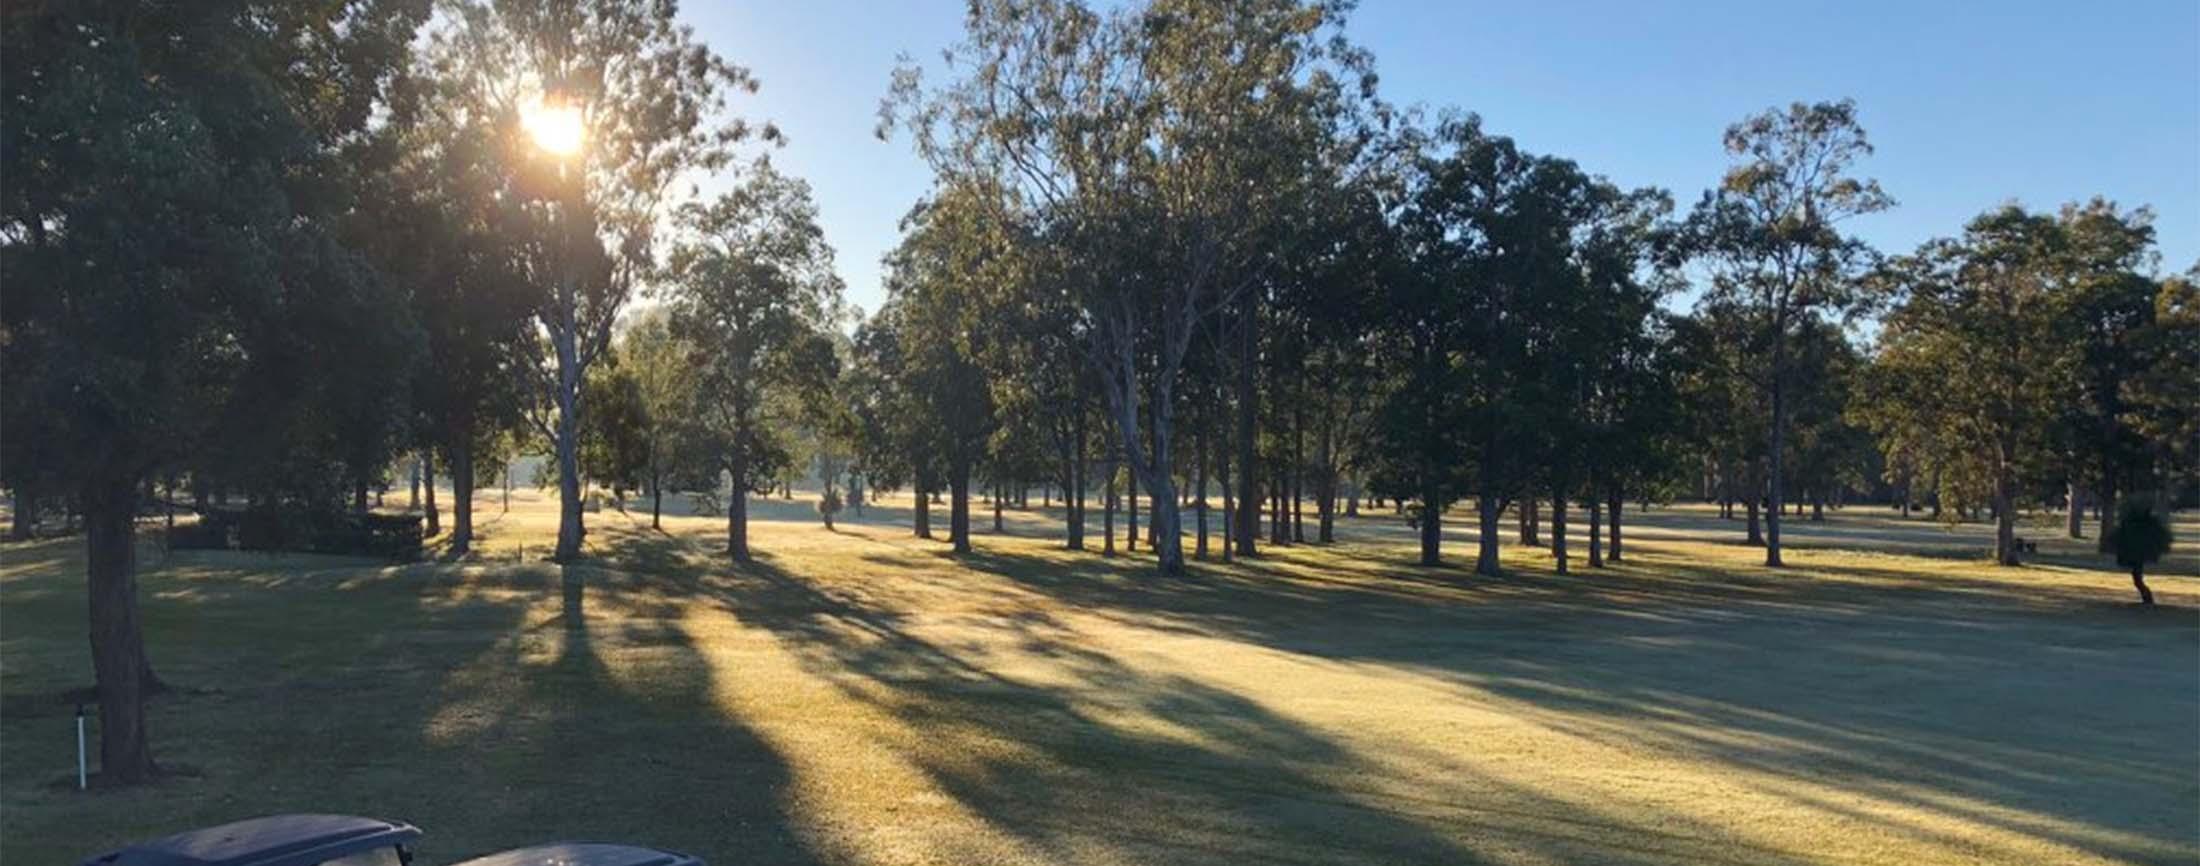 A view of WWoodburn-Evans Head Golf Club